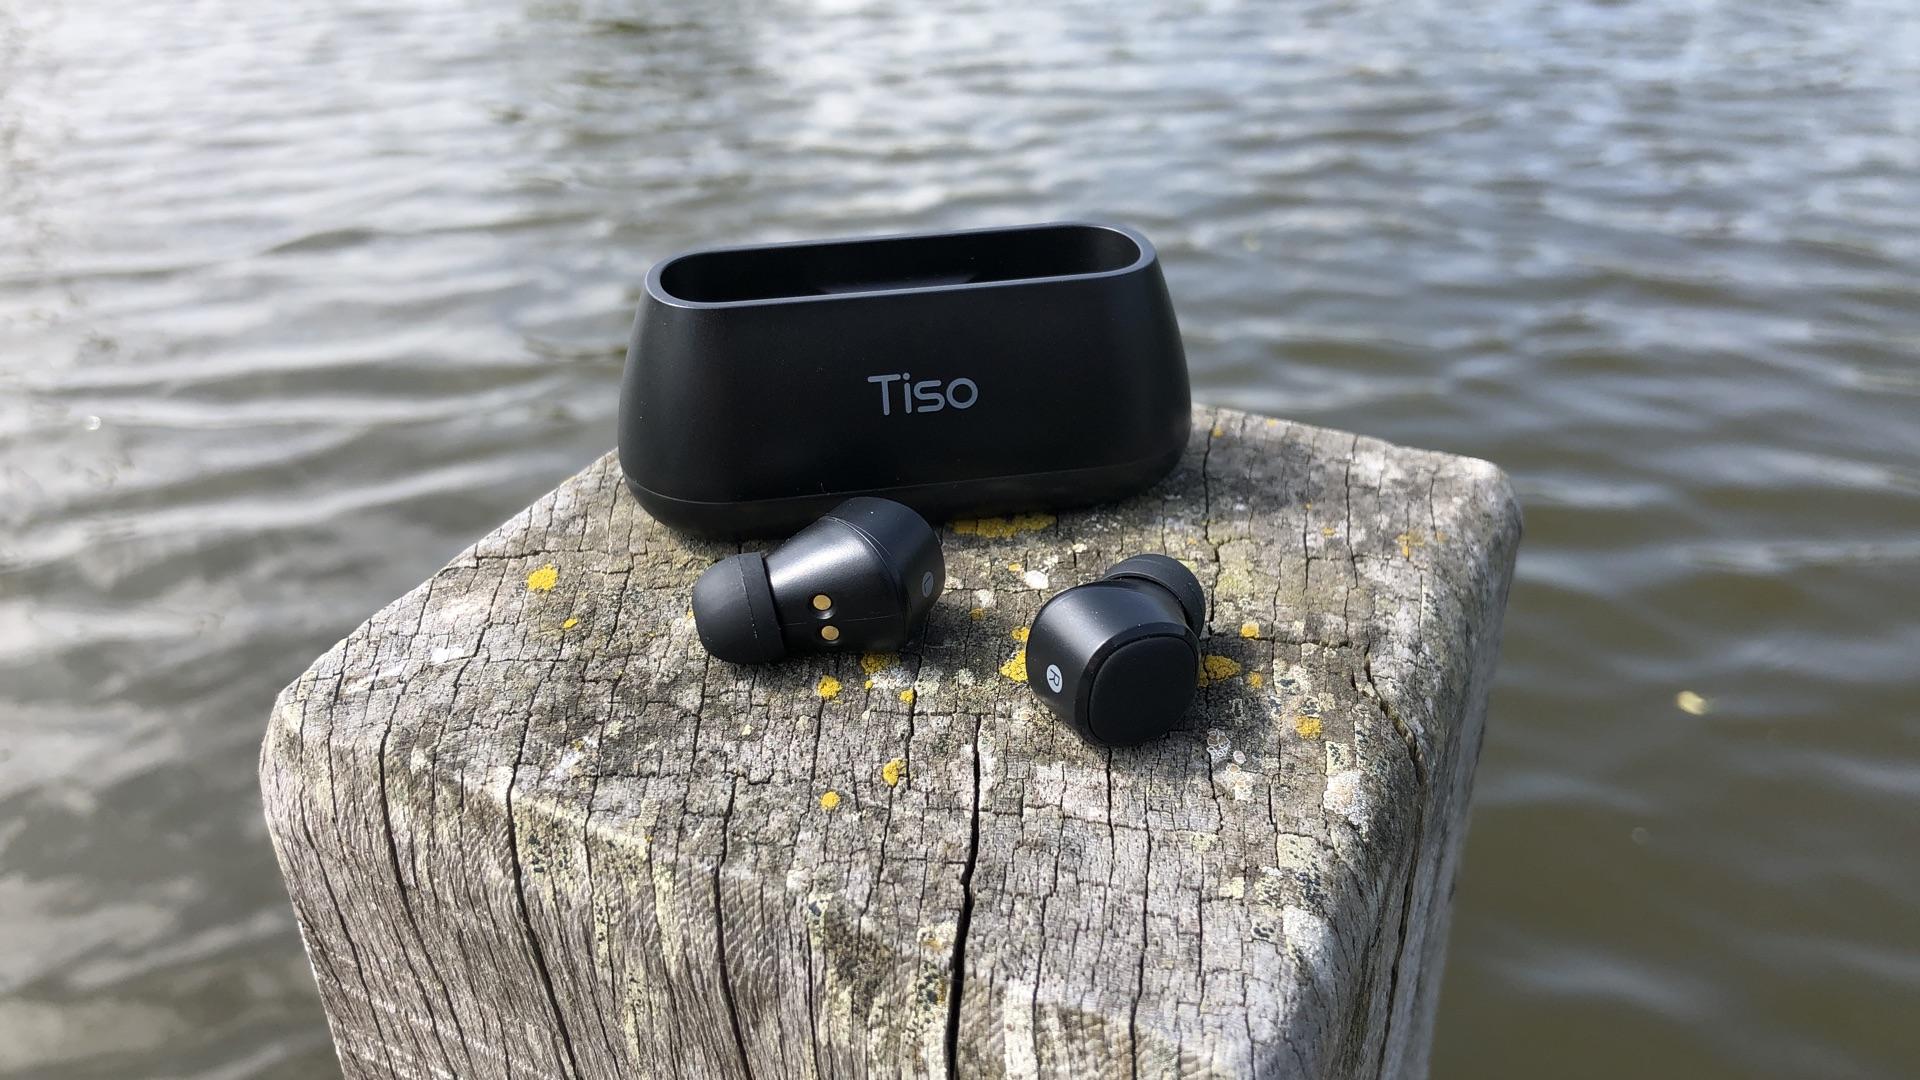 Tiso i4 true wireless earphone 20 dollar bass lovers.jpg